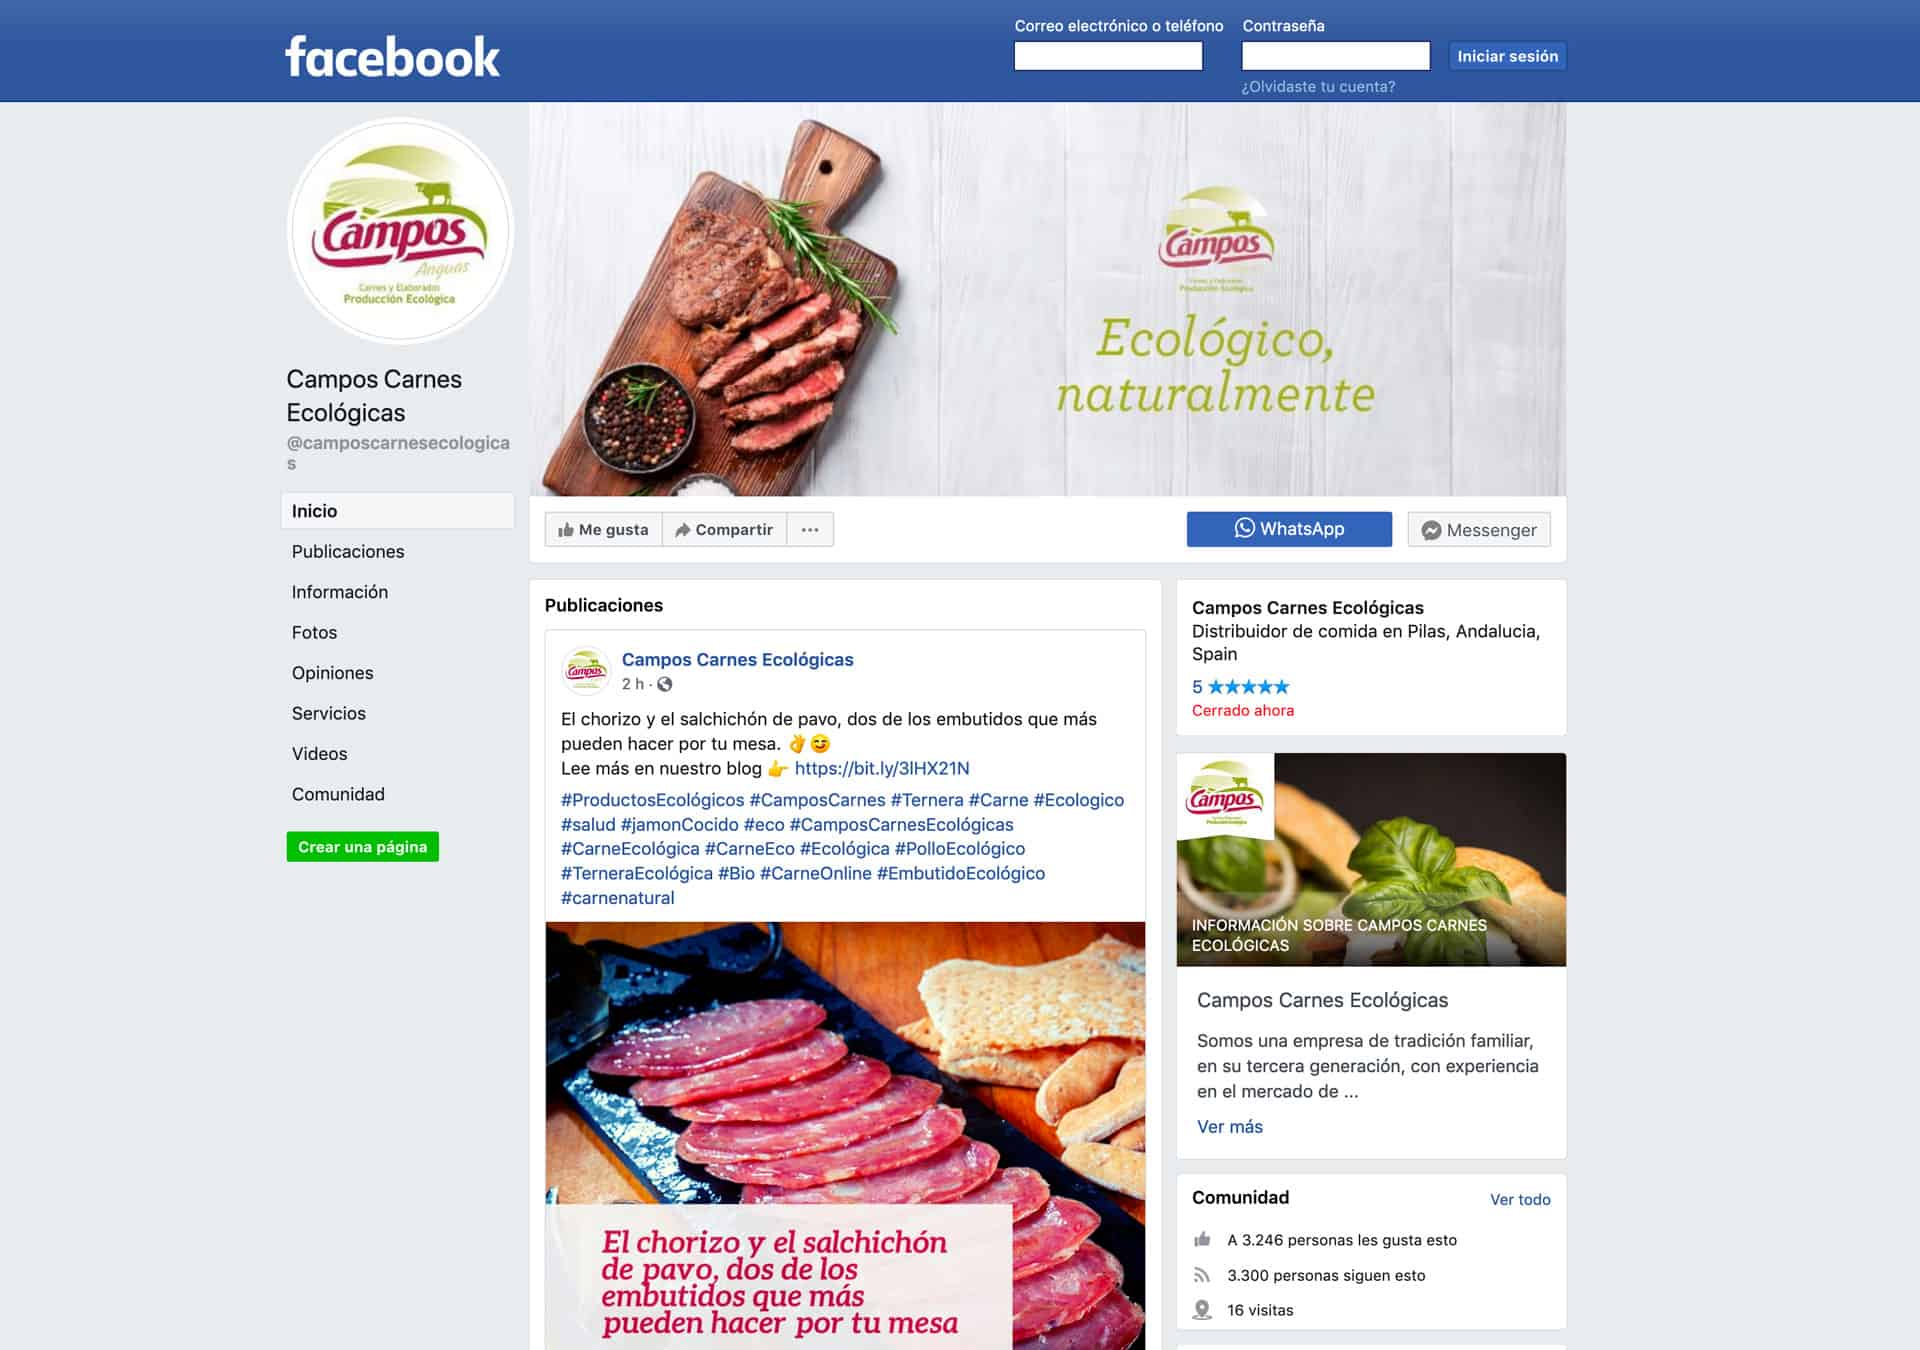 Campaña google Ads y redes sociales Campos Carnes